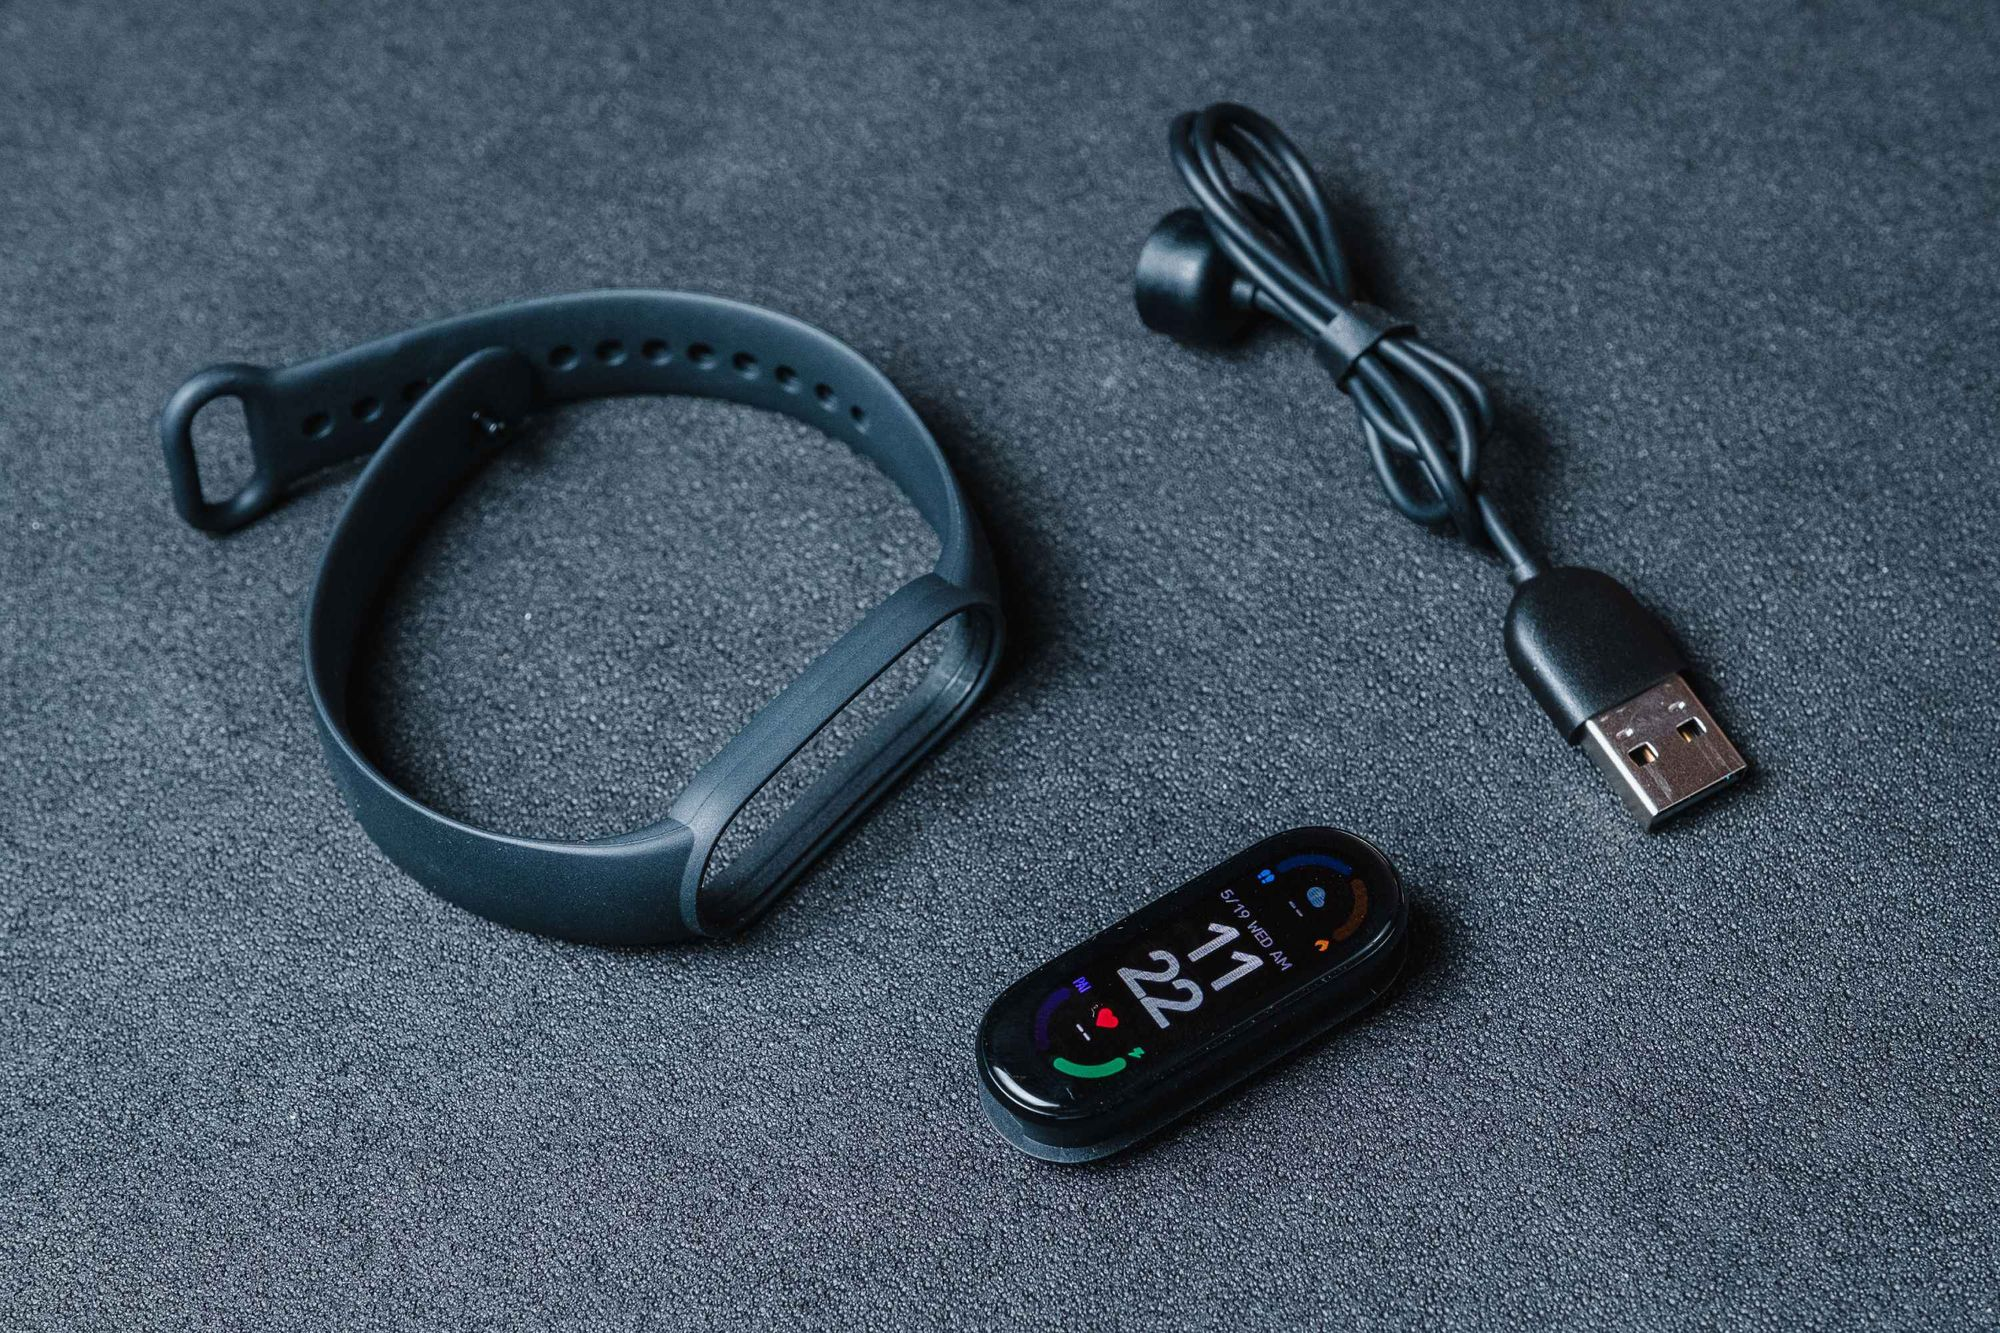 Mi Band 6 vem com smartband (ecrã e pulseira) e carregador magnético (Imagem: Zoom)